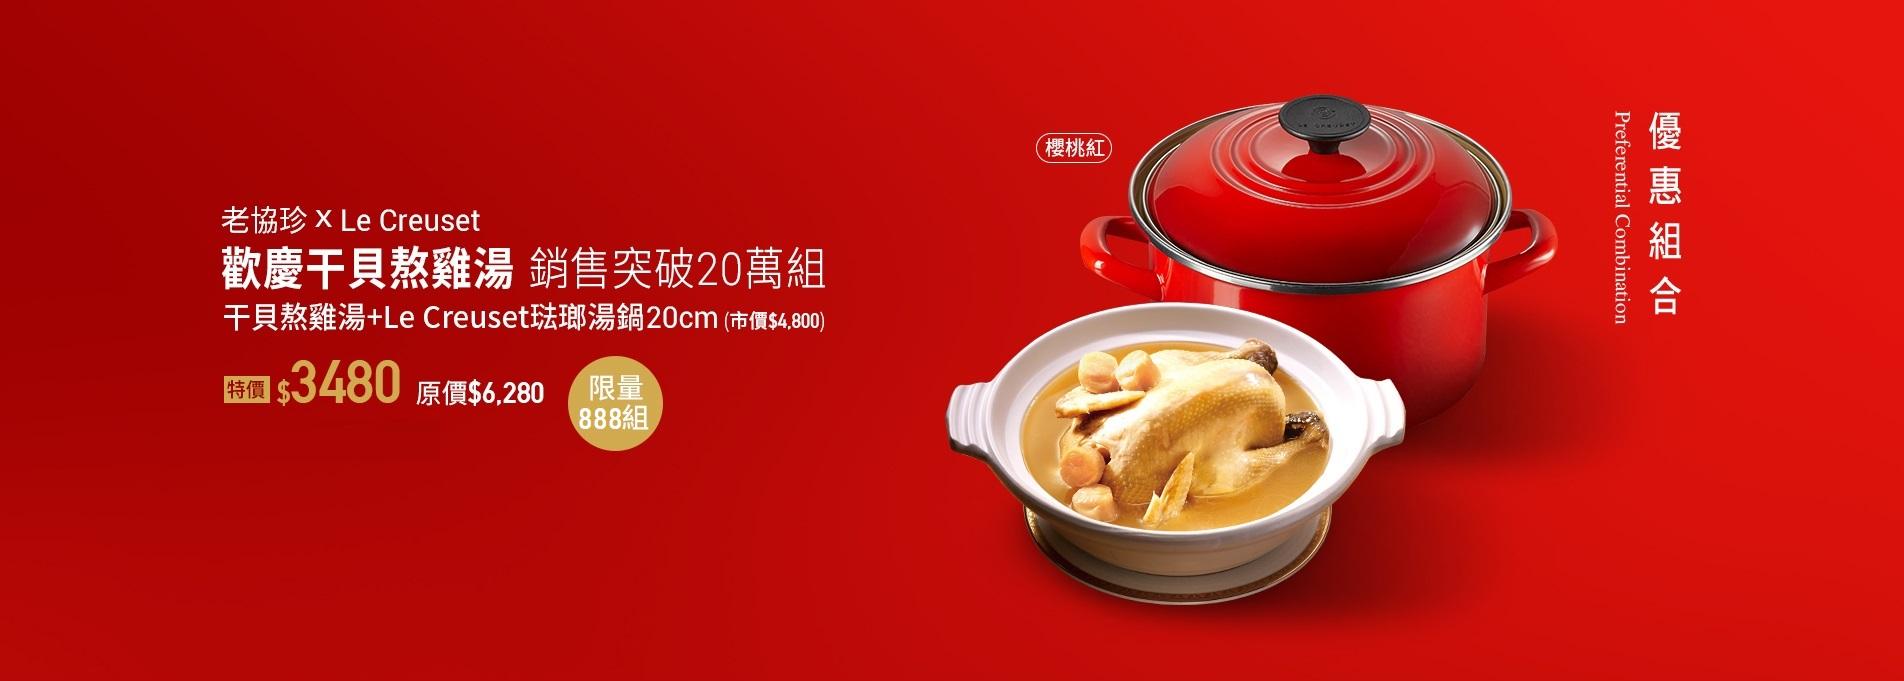 干貝熬雞湯+Le Creuset琺瑯湯鍋20cm(櫻桃紅)